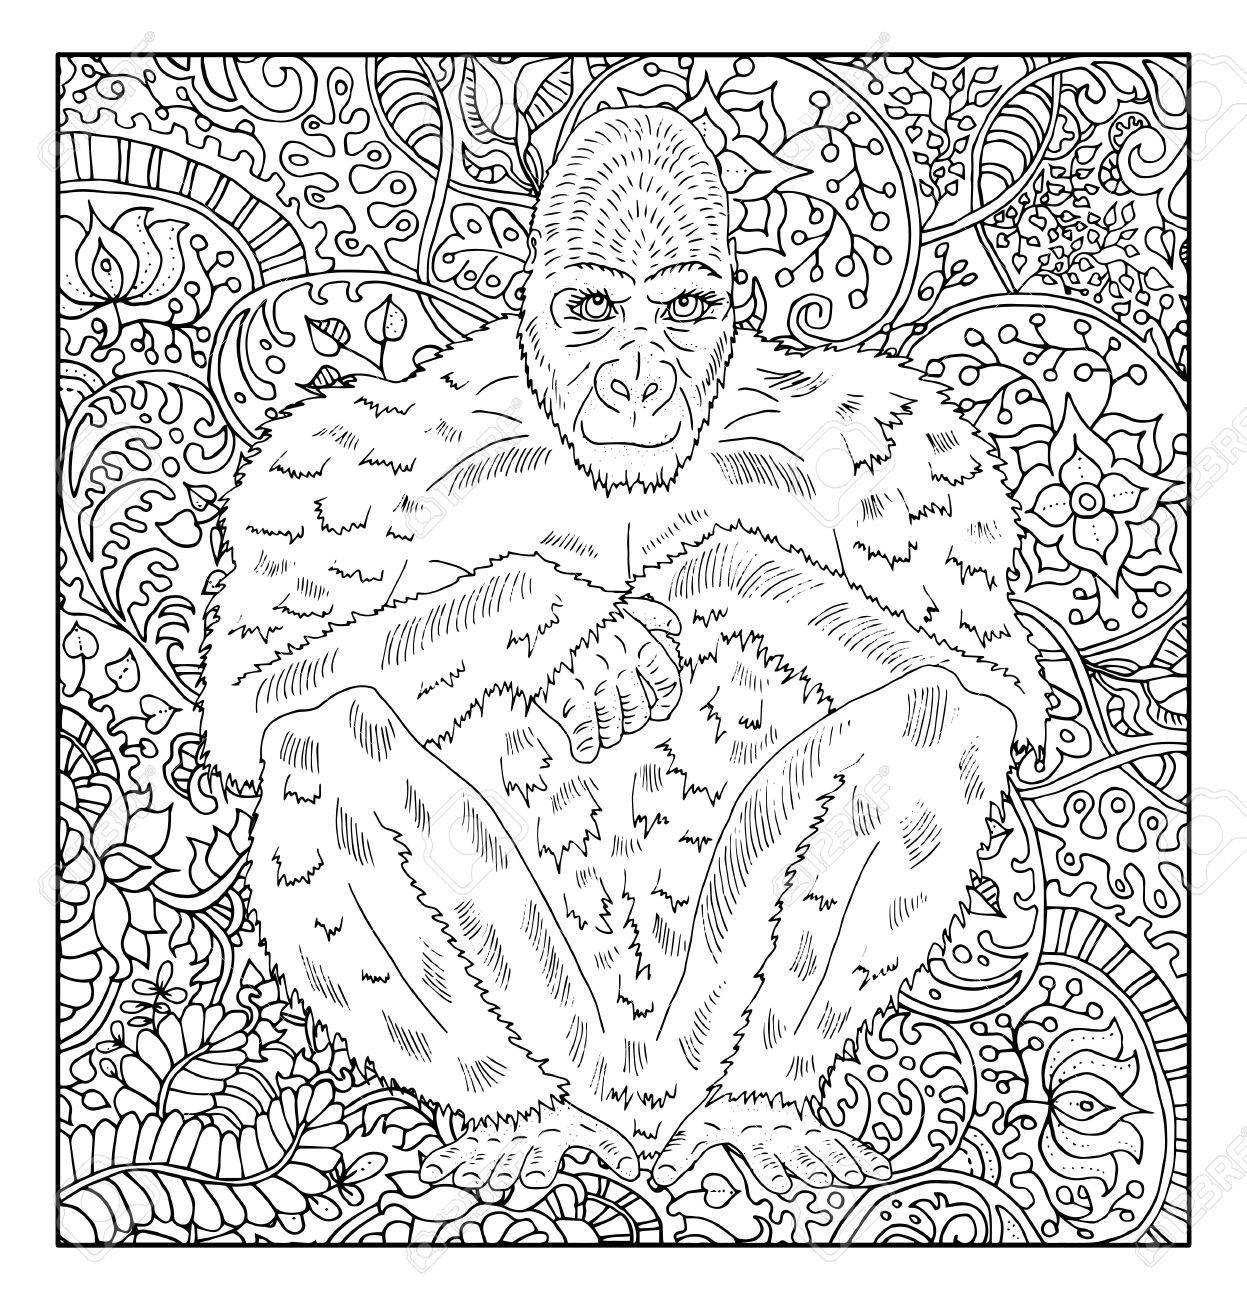 Coloriage Adulte Singe.Main De Singe Dessine Contre Zen Floral Motif De Fond Pour Les